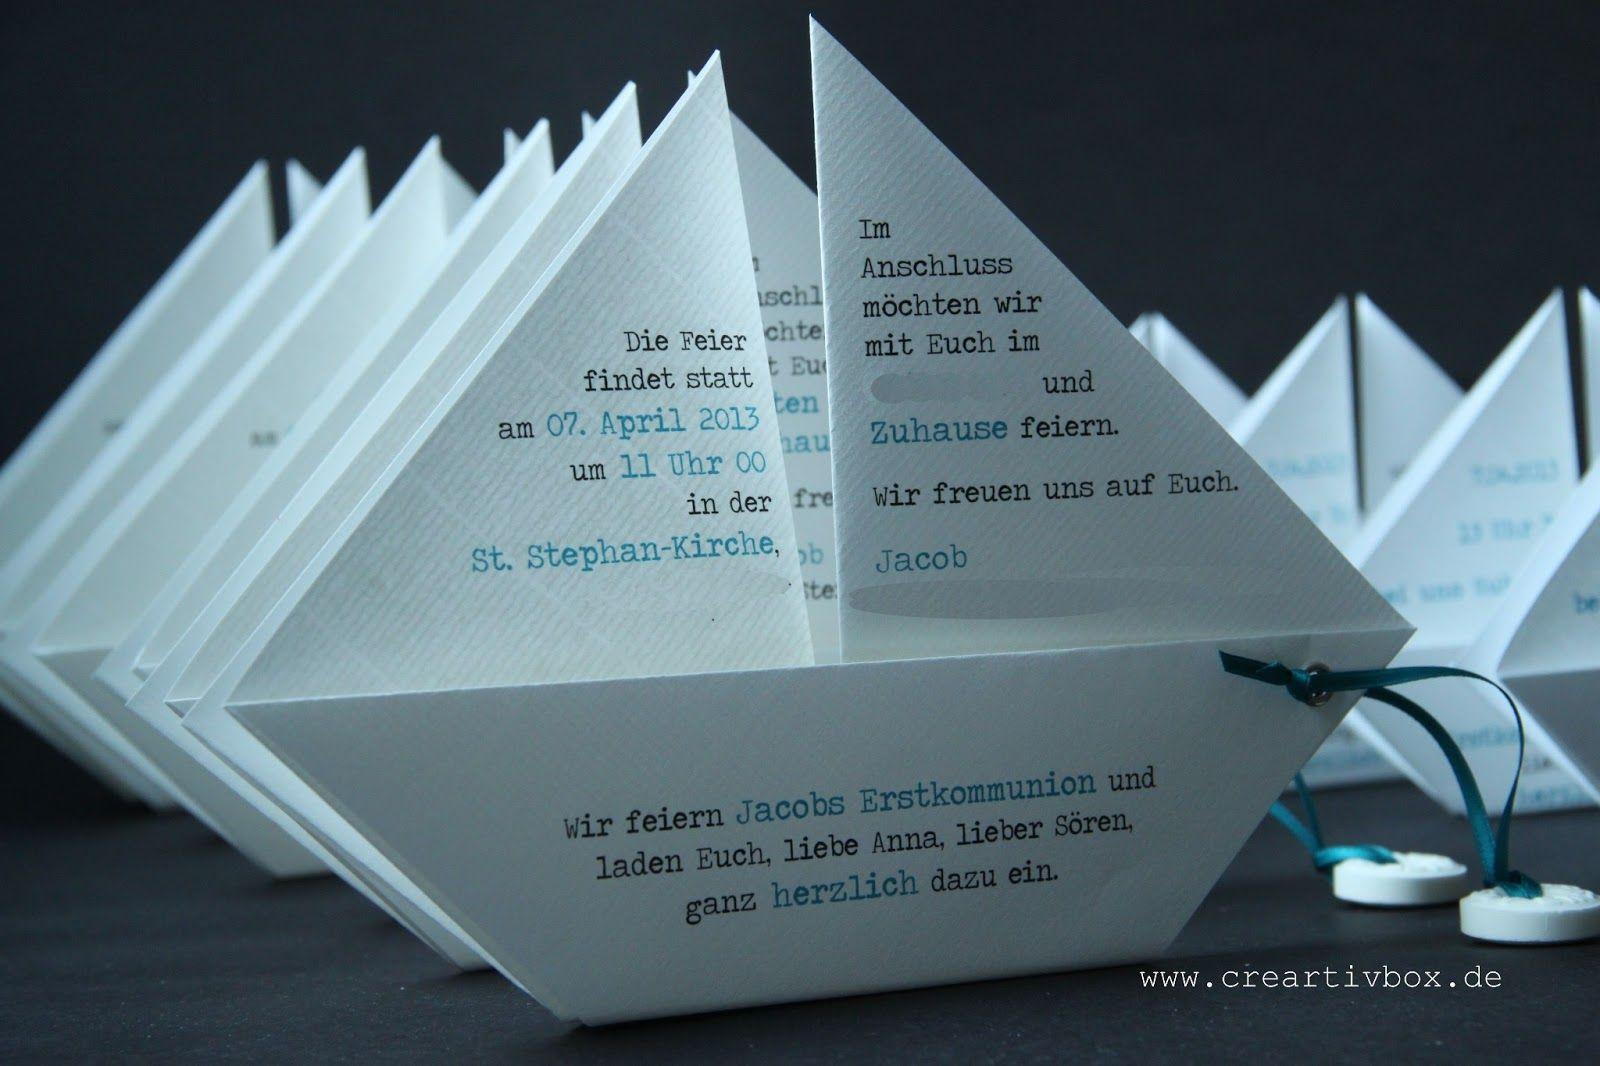 Superb Kommunion Einladung/kommunion Einladungen Kostenlos #8: Einladungskarten